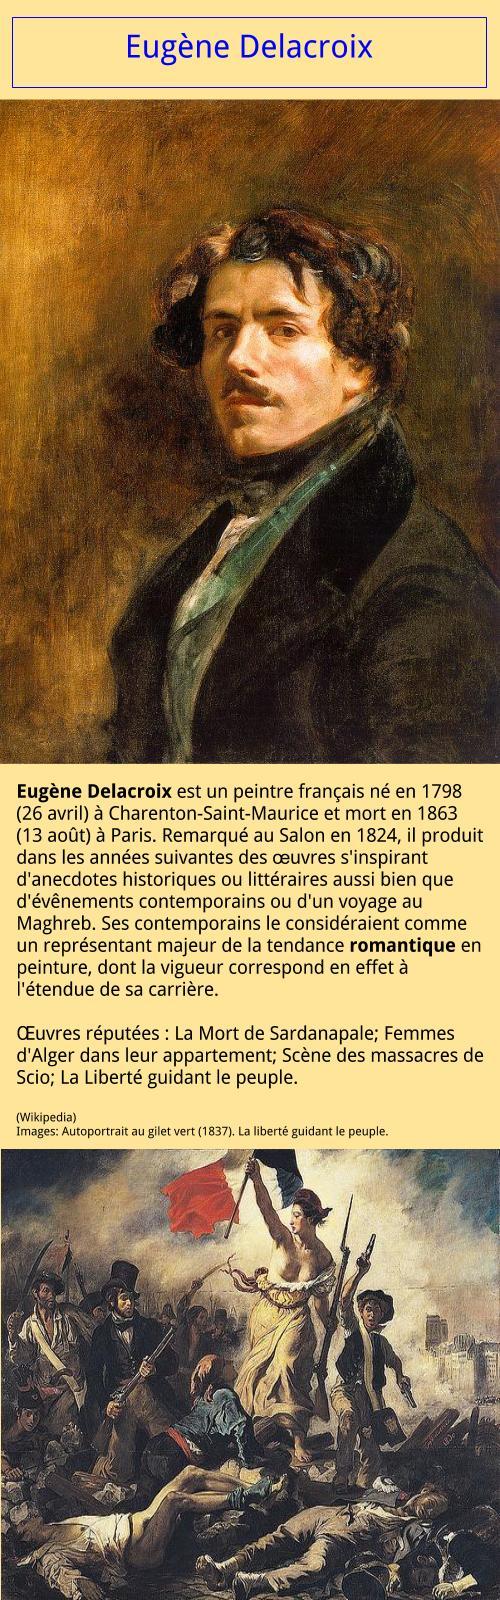 04_26 Eugène Delacroix